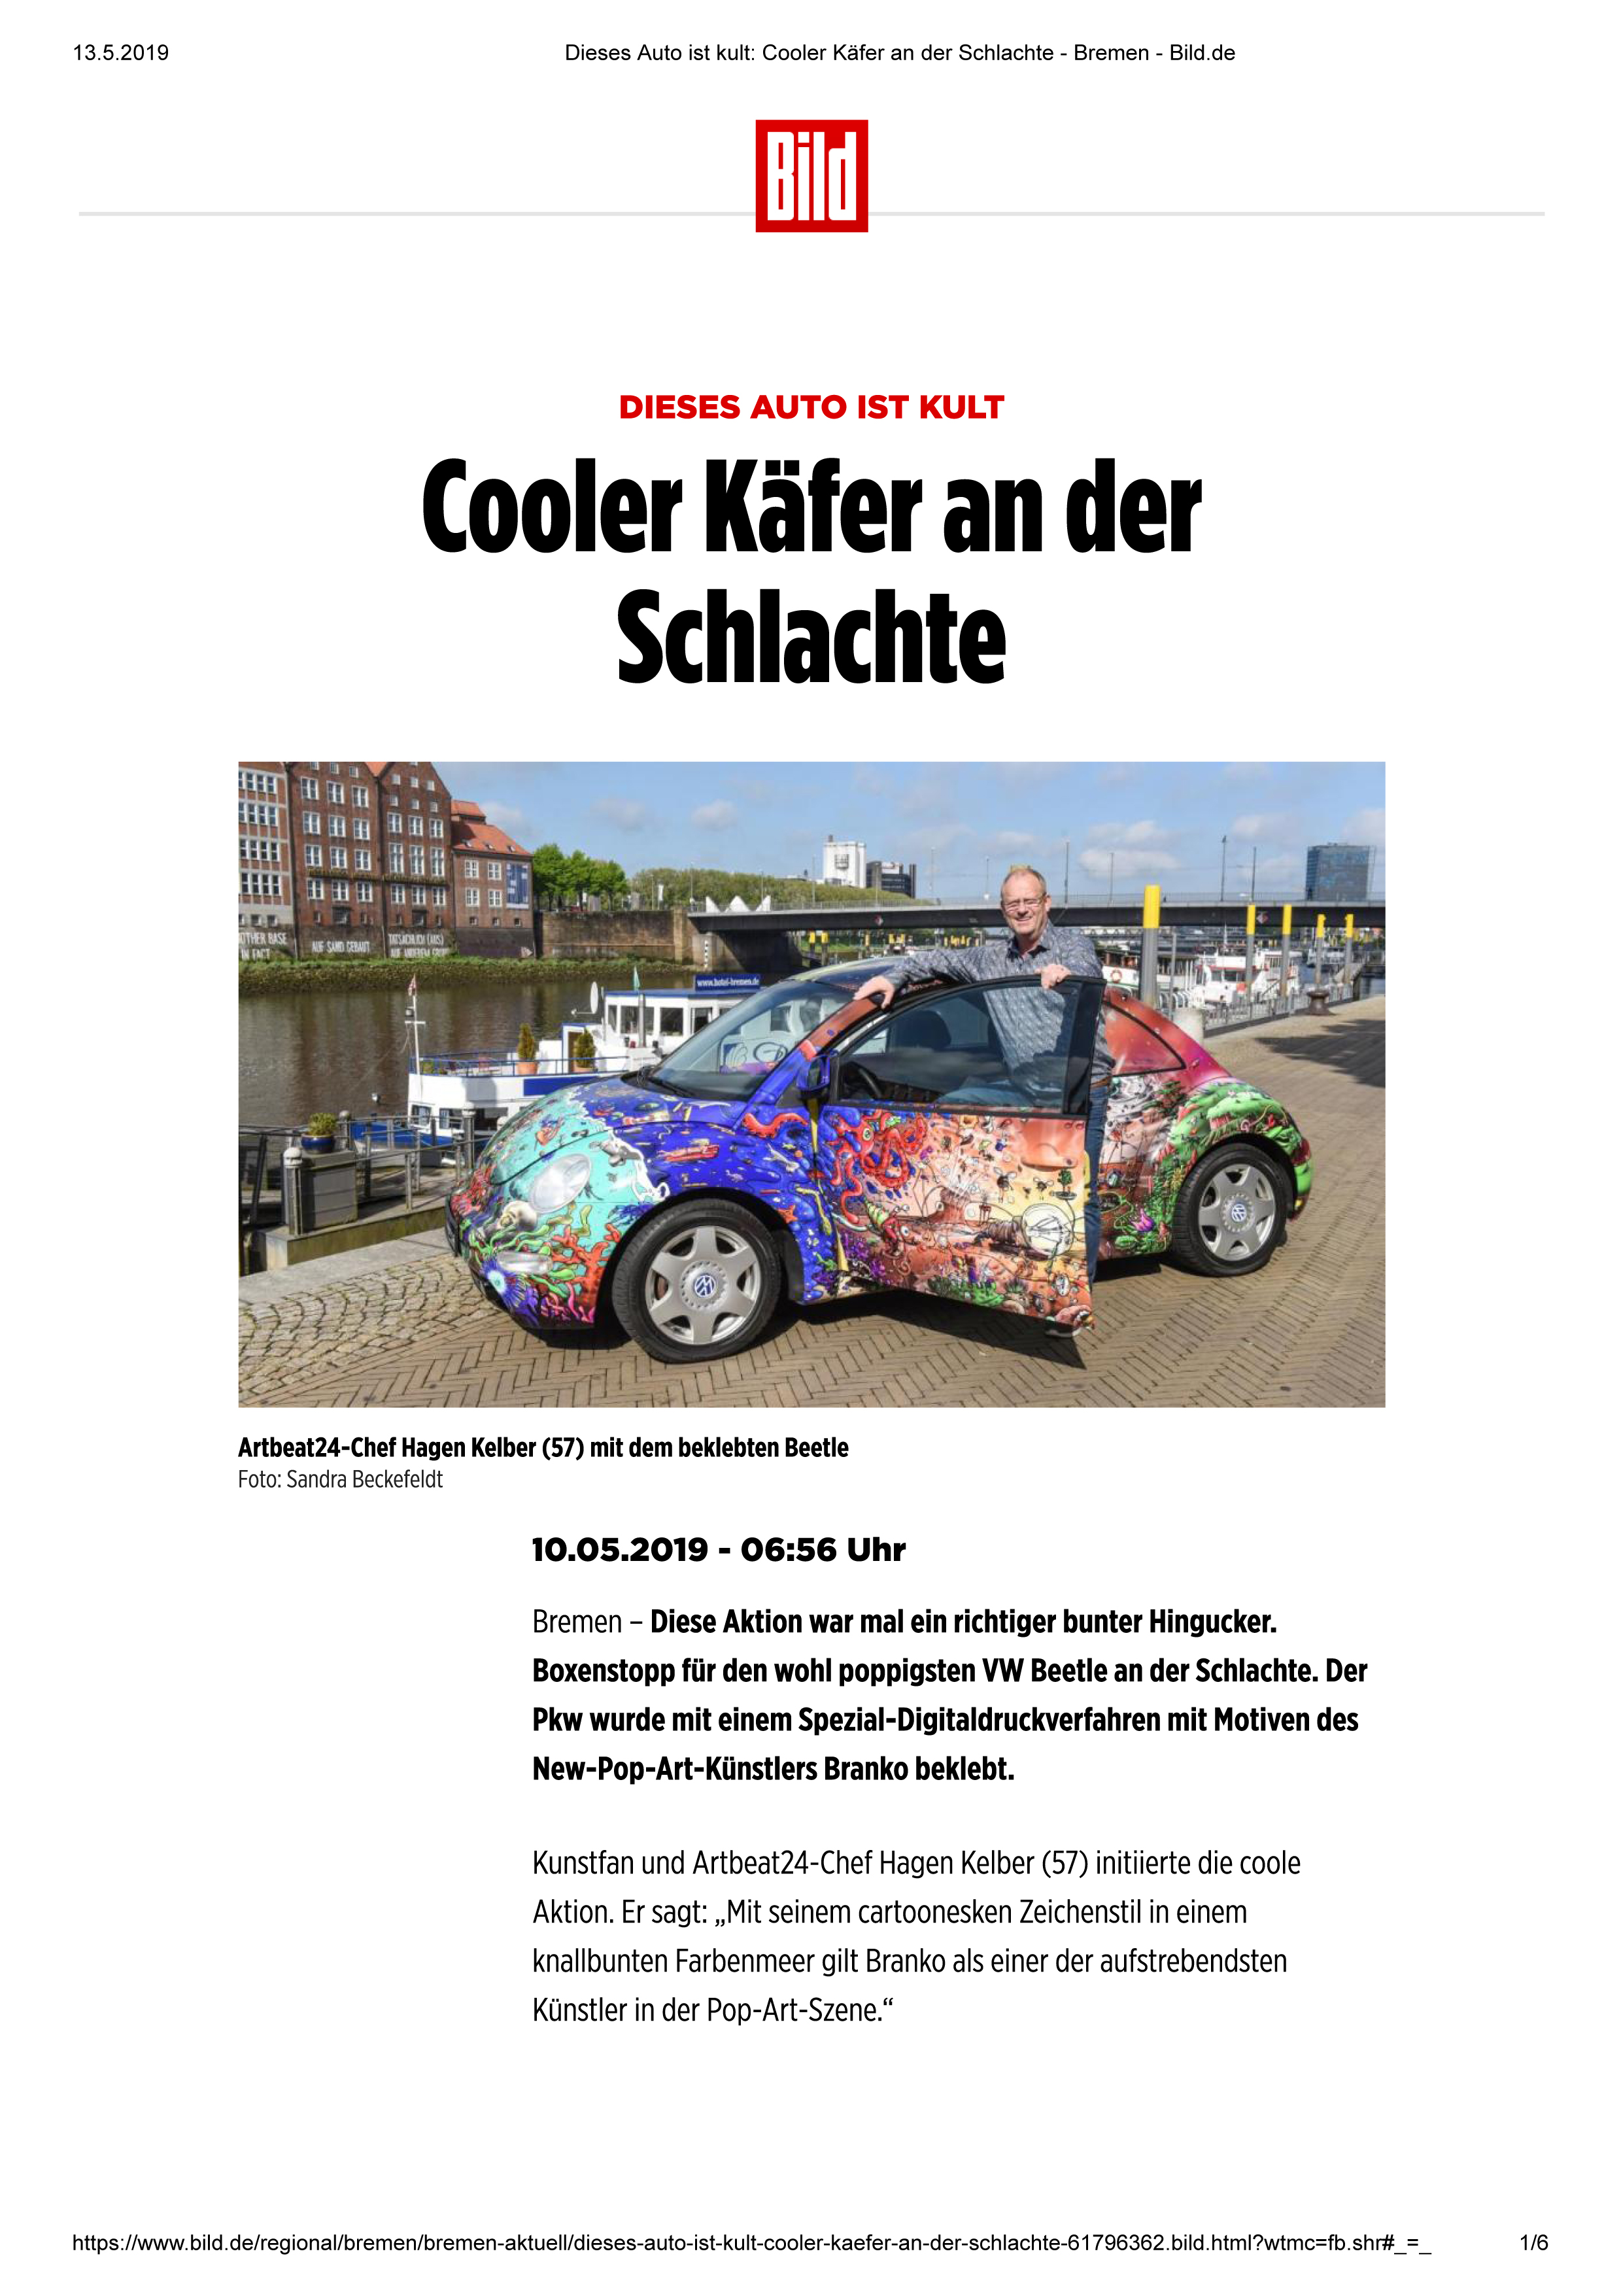 Dieses-Auto-ist-kult_-Cooler-Kafer-an-der-Schlachte-Bremen-Bild